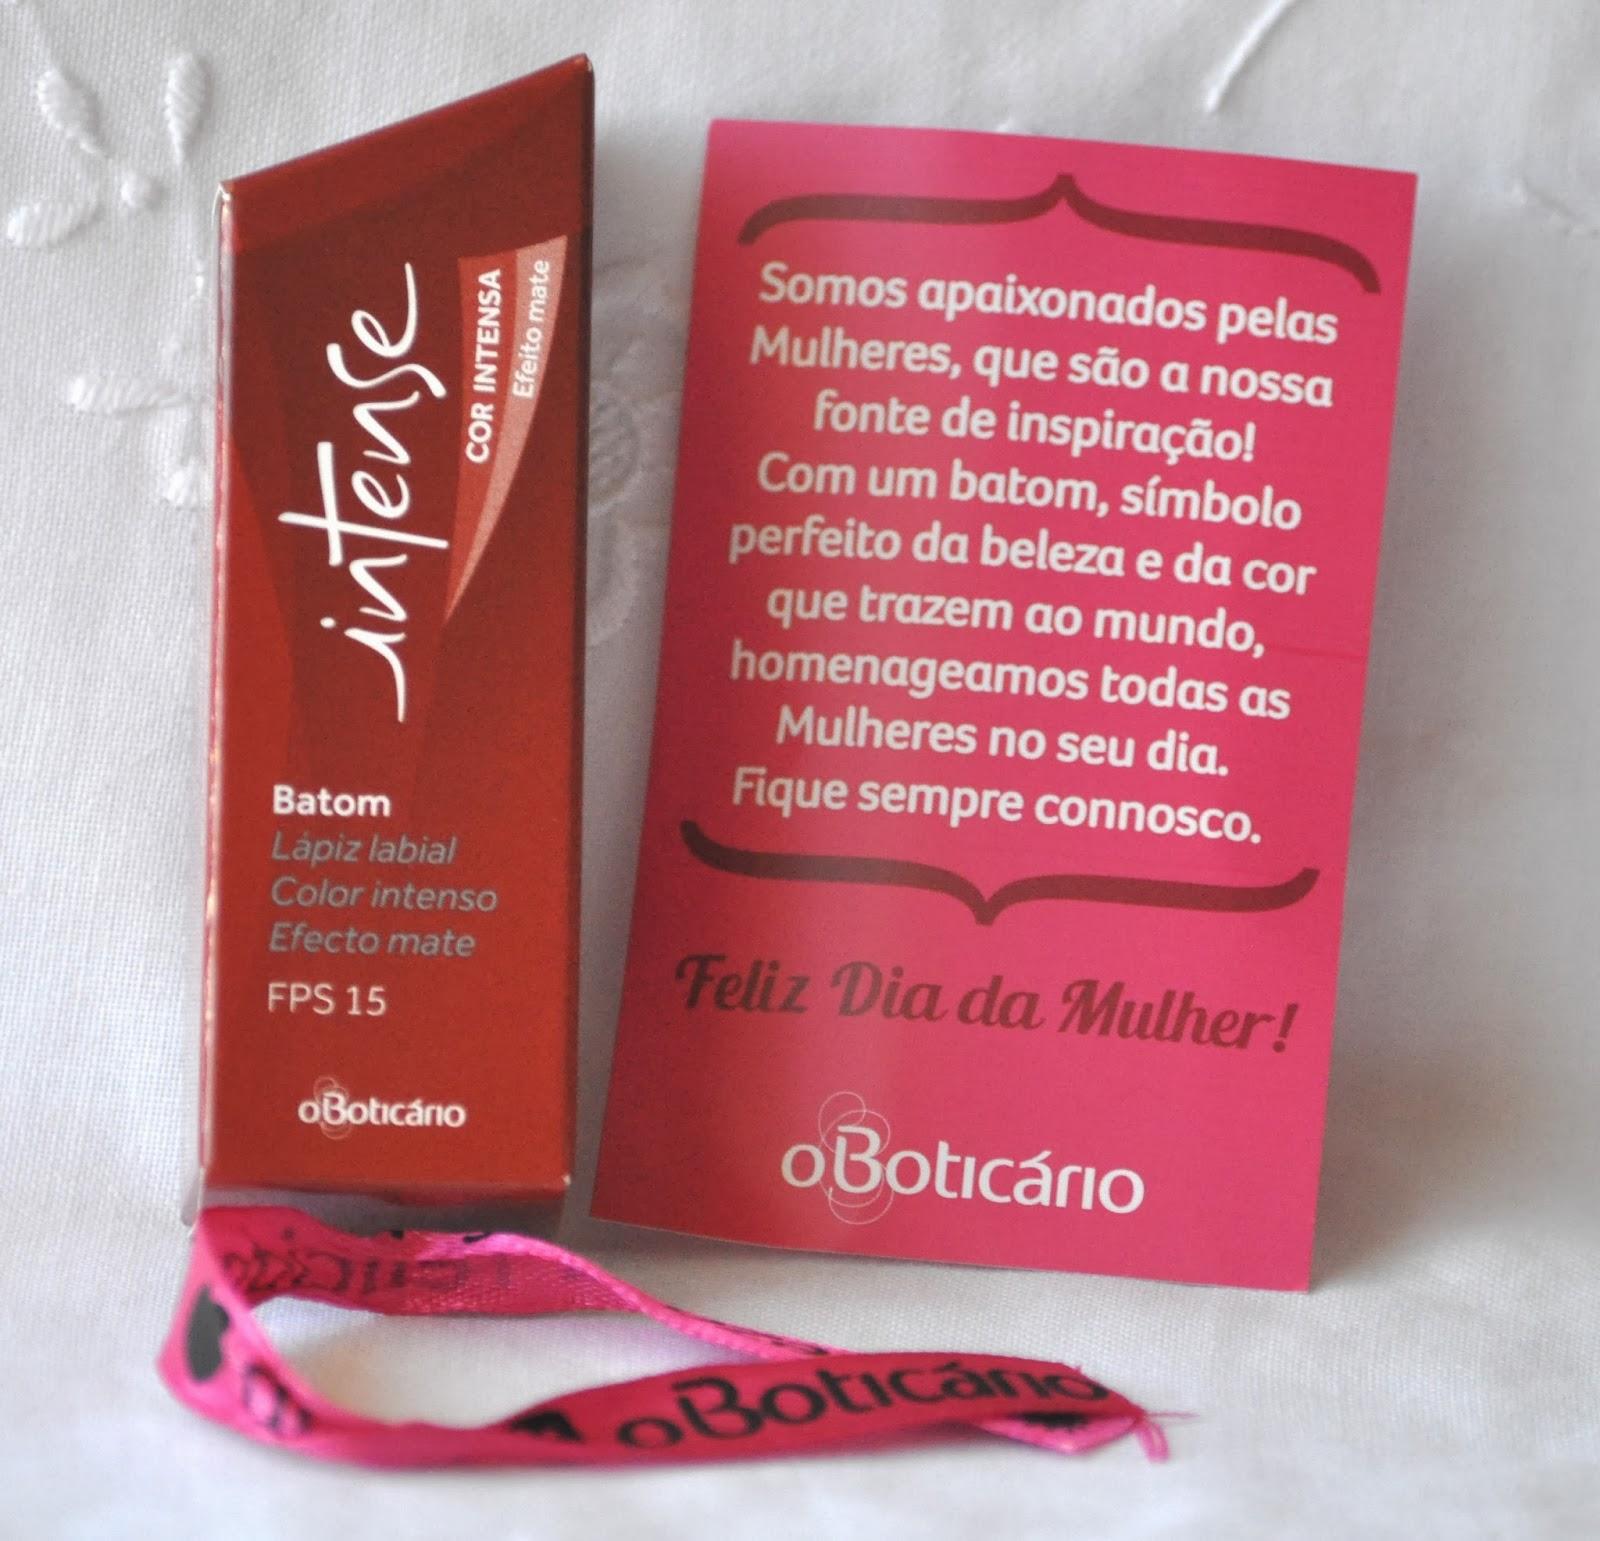 14aaf7d5bfac0 Vida de Mulher aos 40  Boticário  Free Lipstick